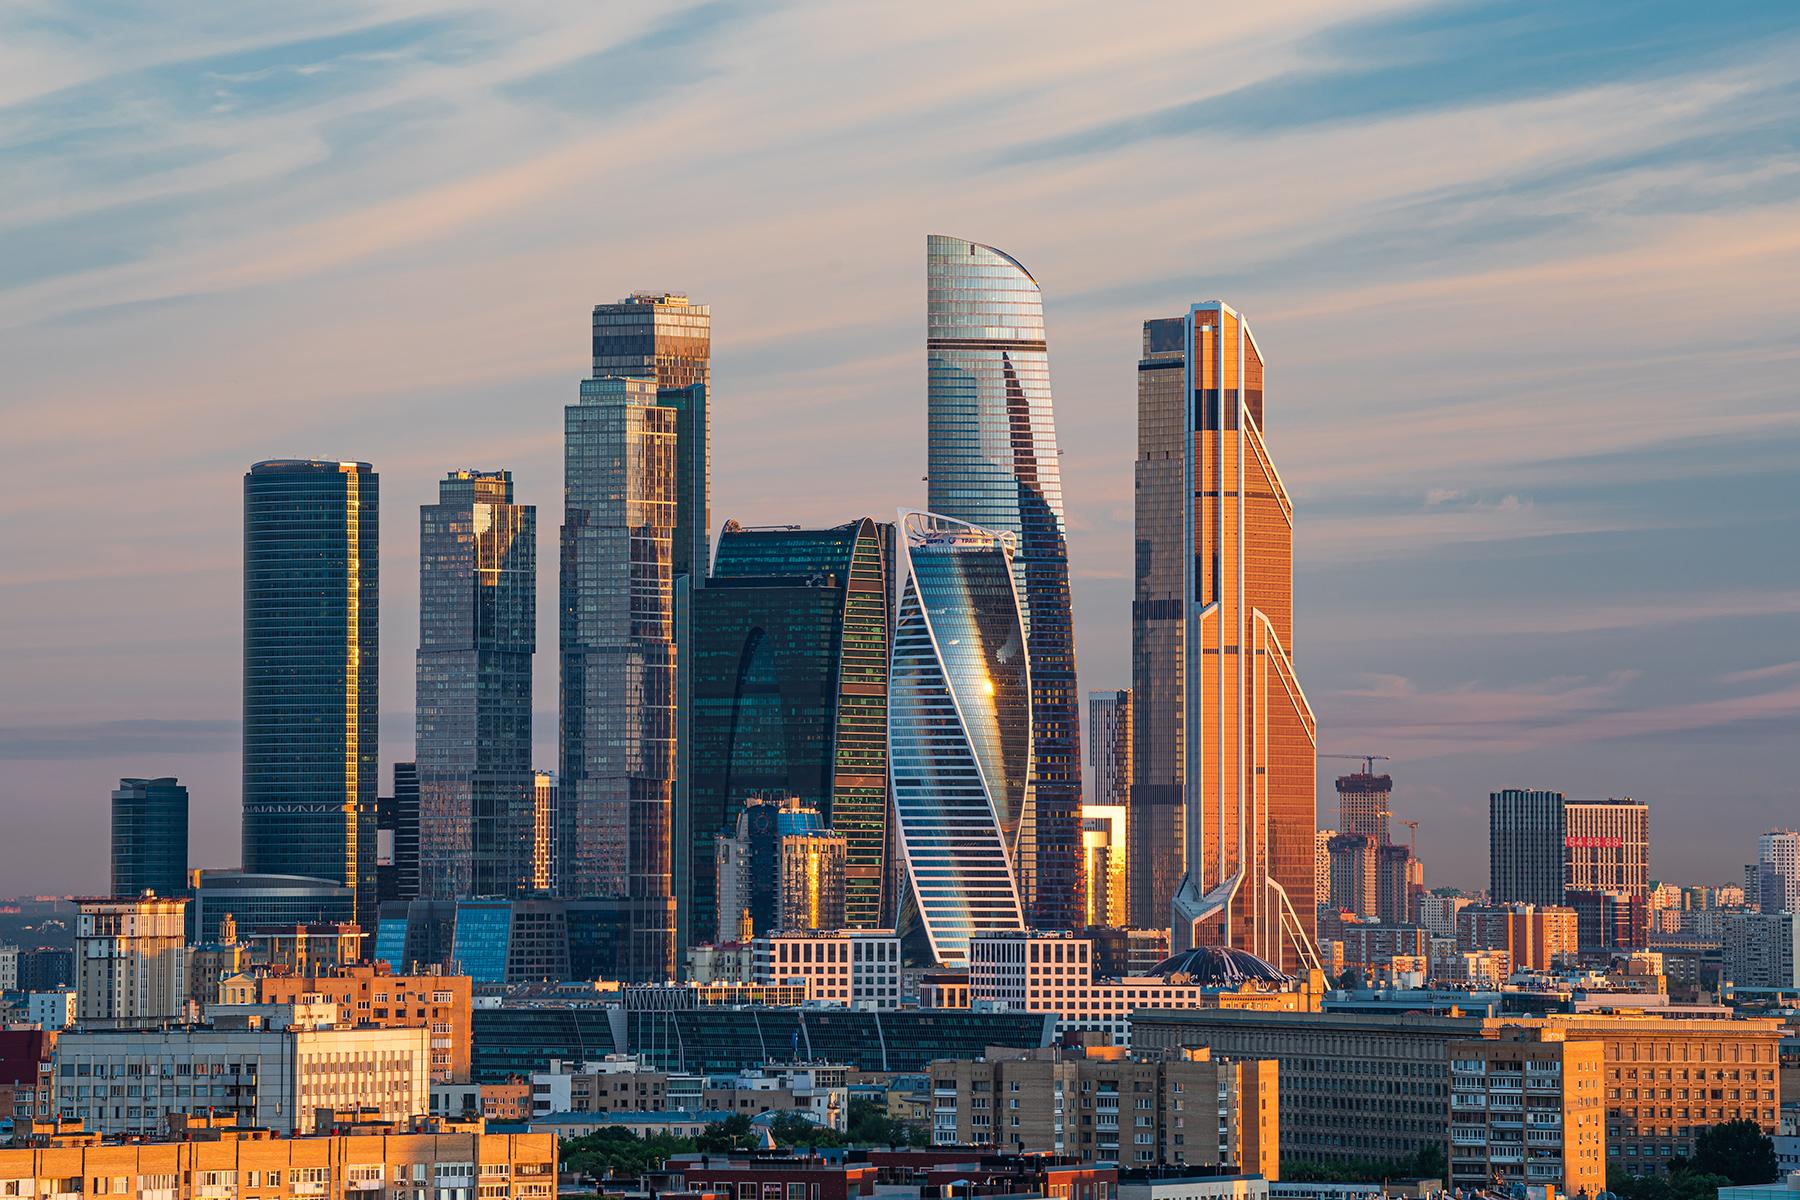 Москва обогнала Нью-Йорк по эффективности экономической политики во время пандемии